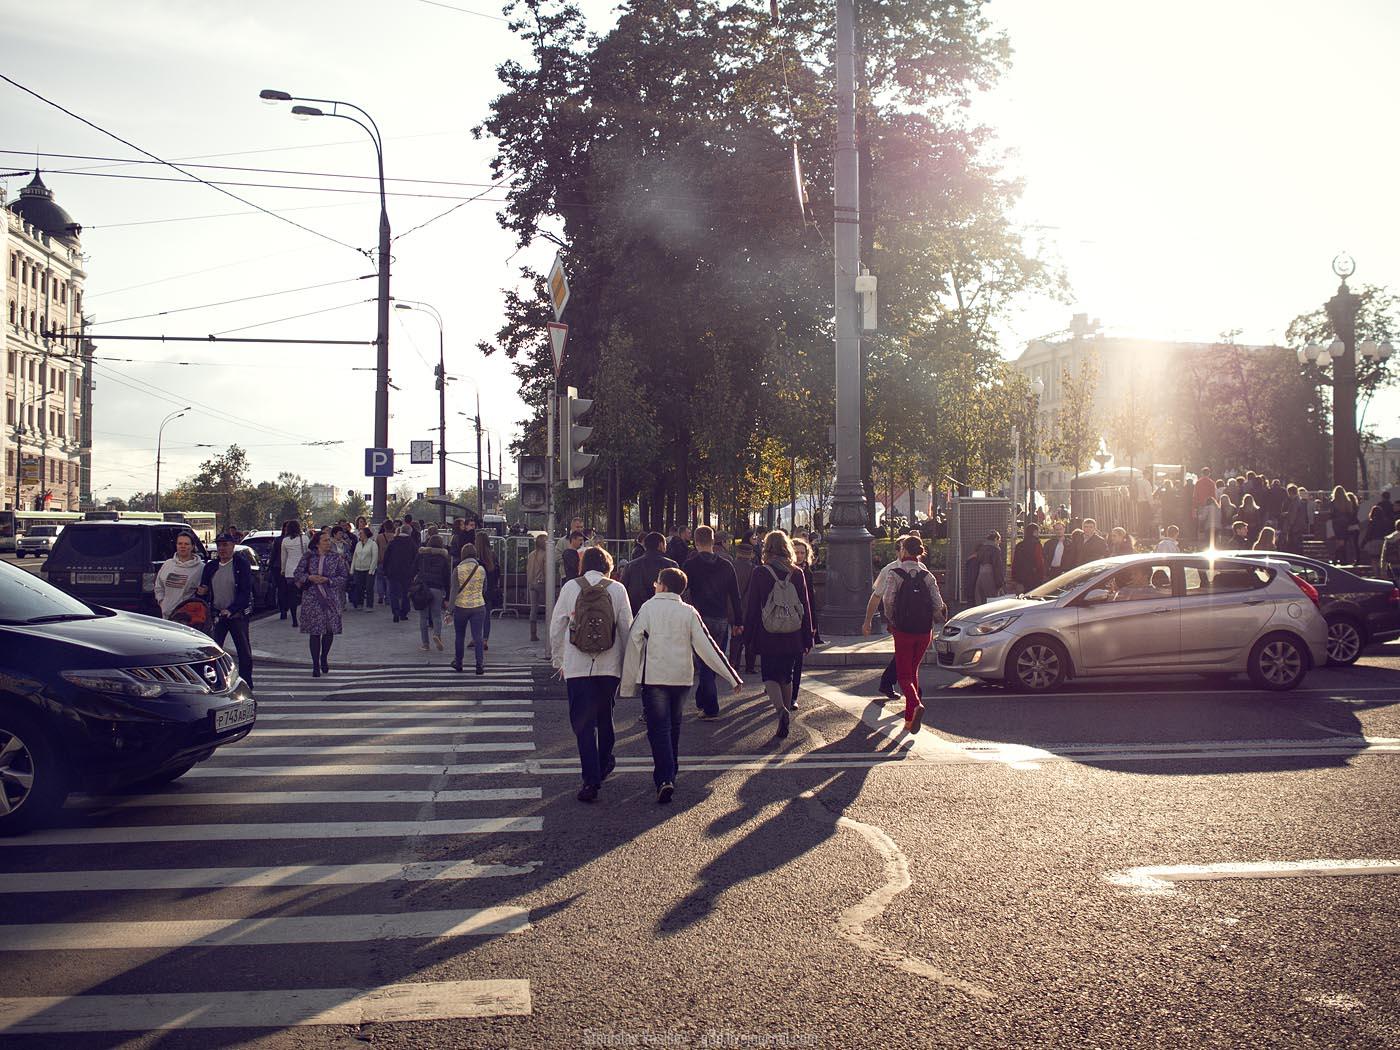 День города - Москва - 2013 - #016